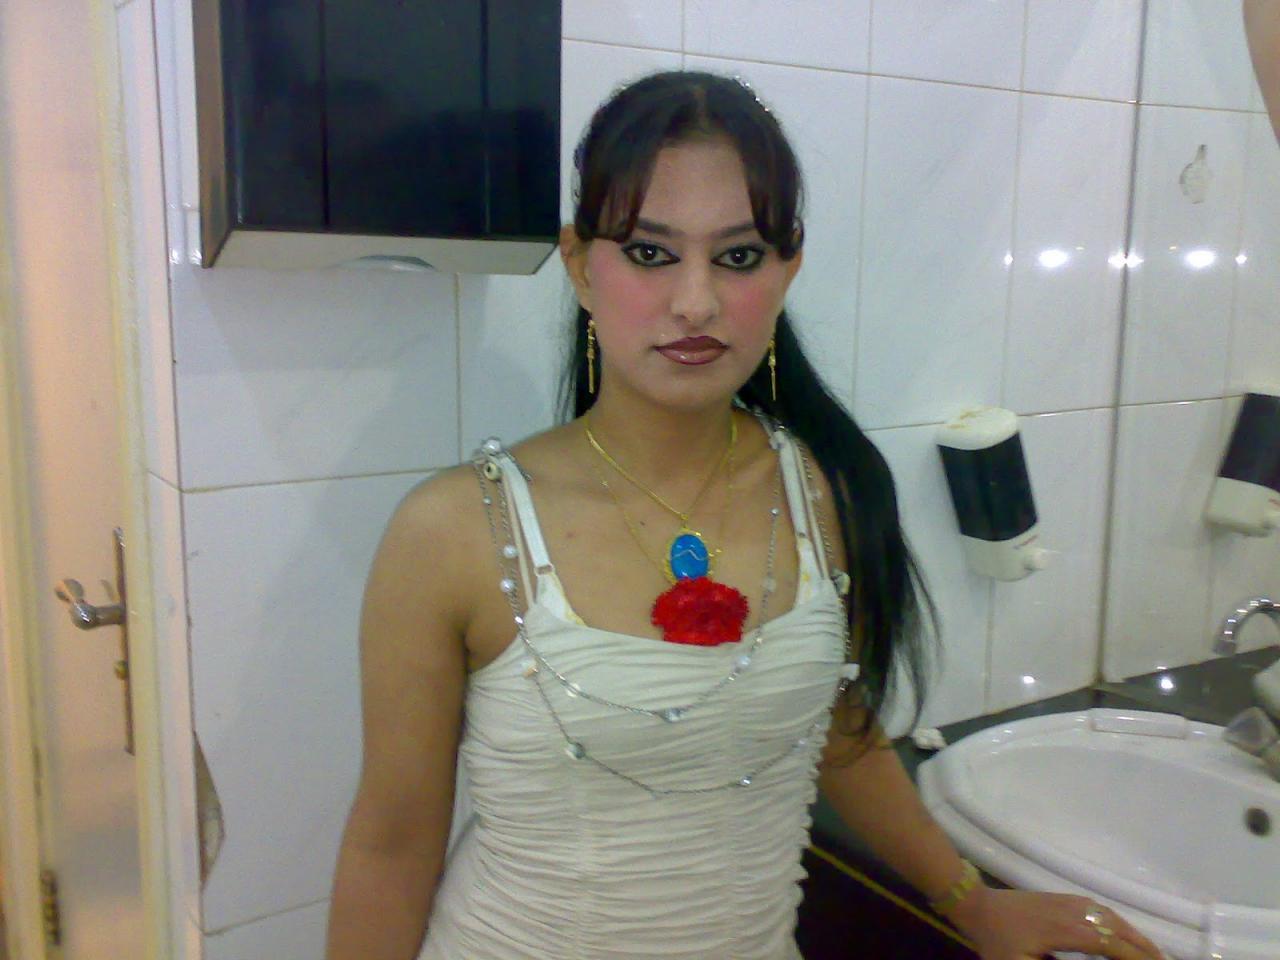 صورة تصوير البنات في الحمام , شاهد ما يحصل في هذا المجمتع مع البنات